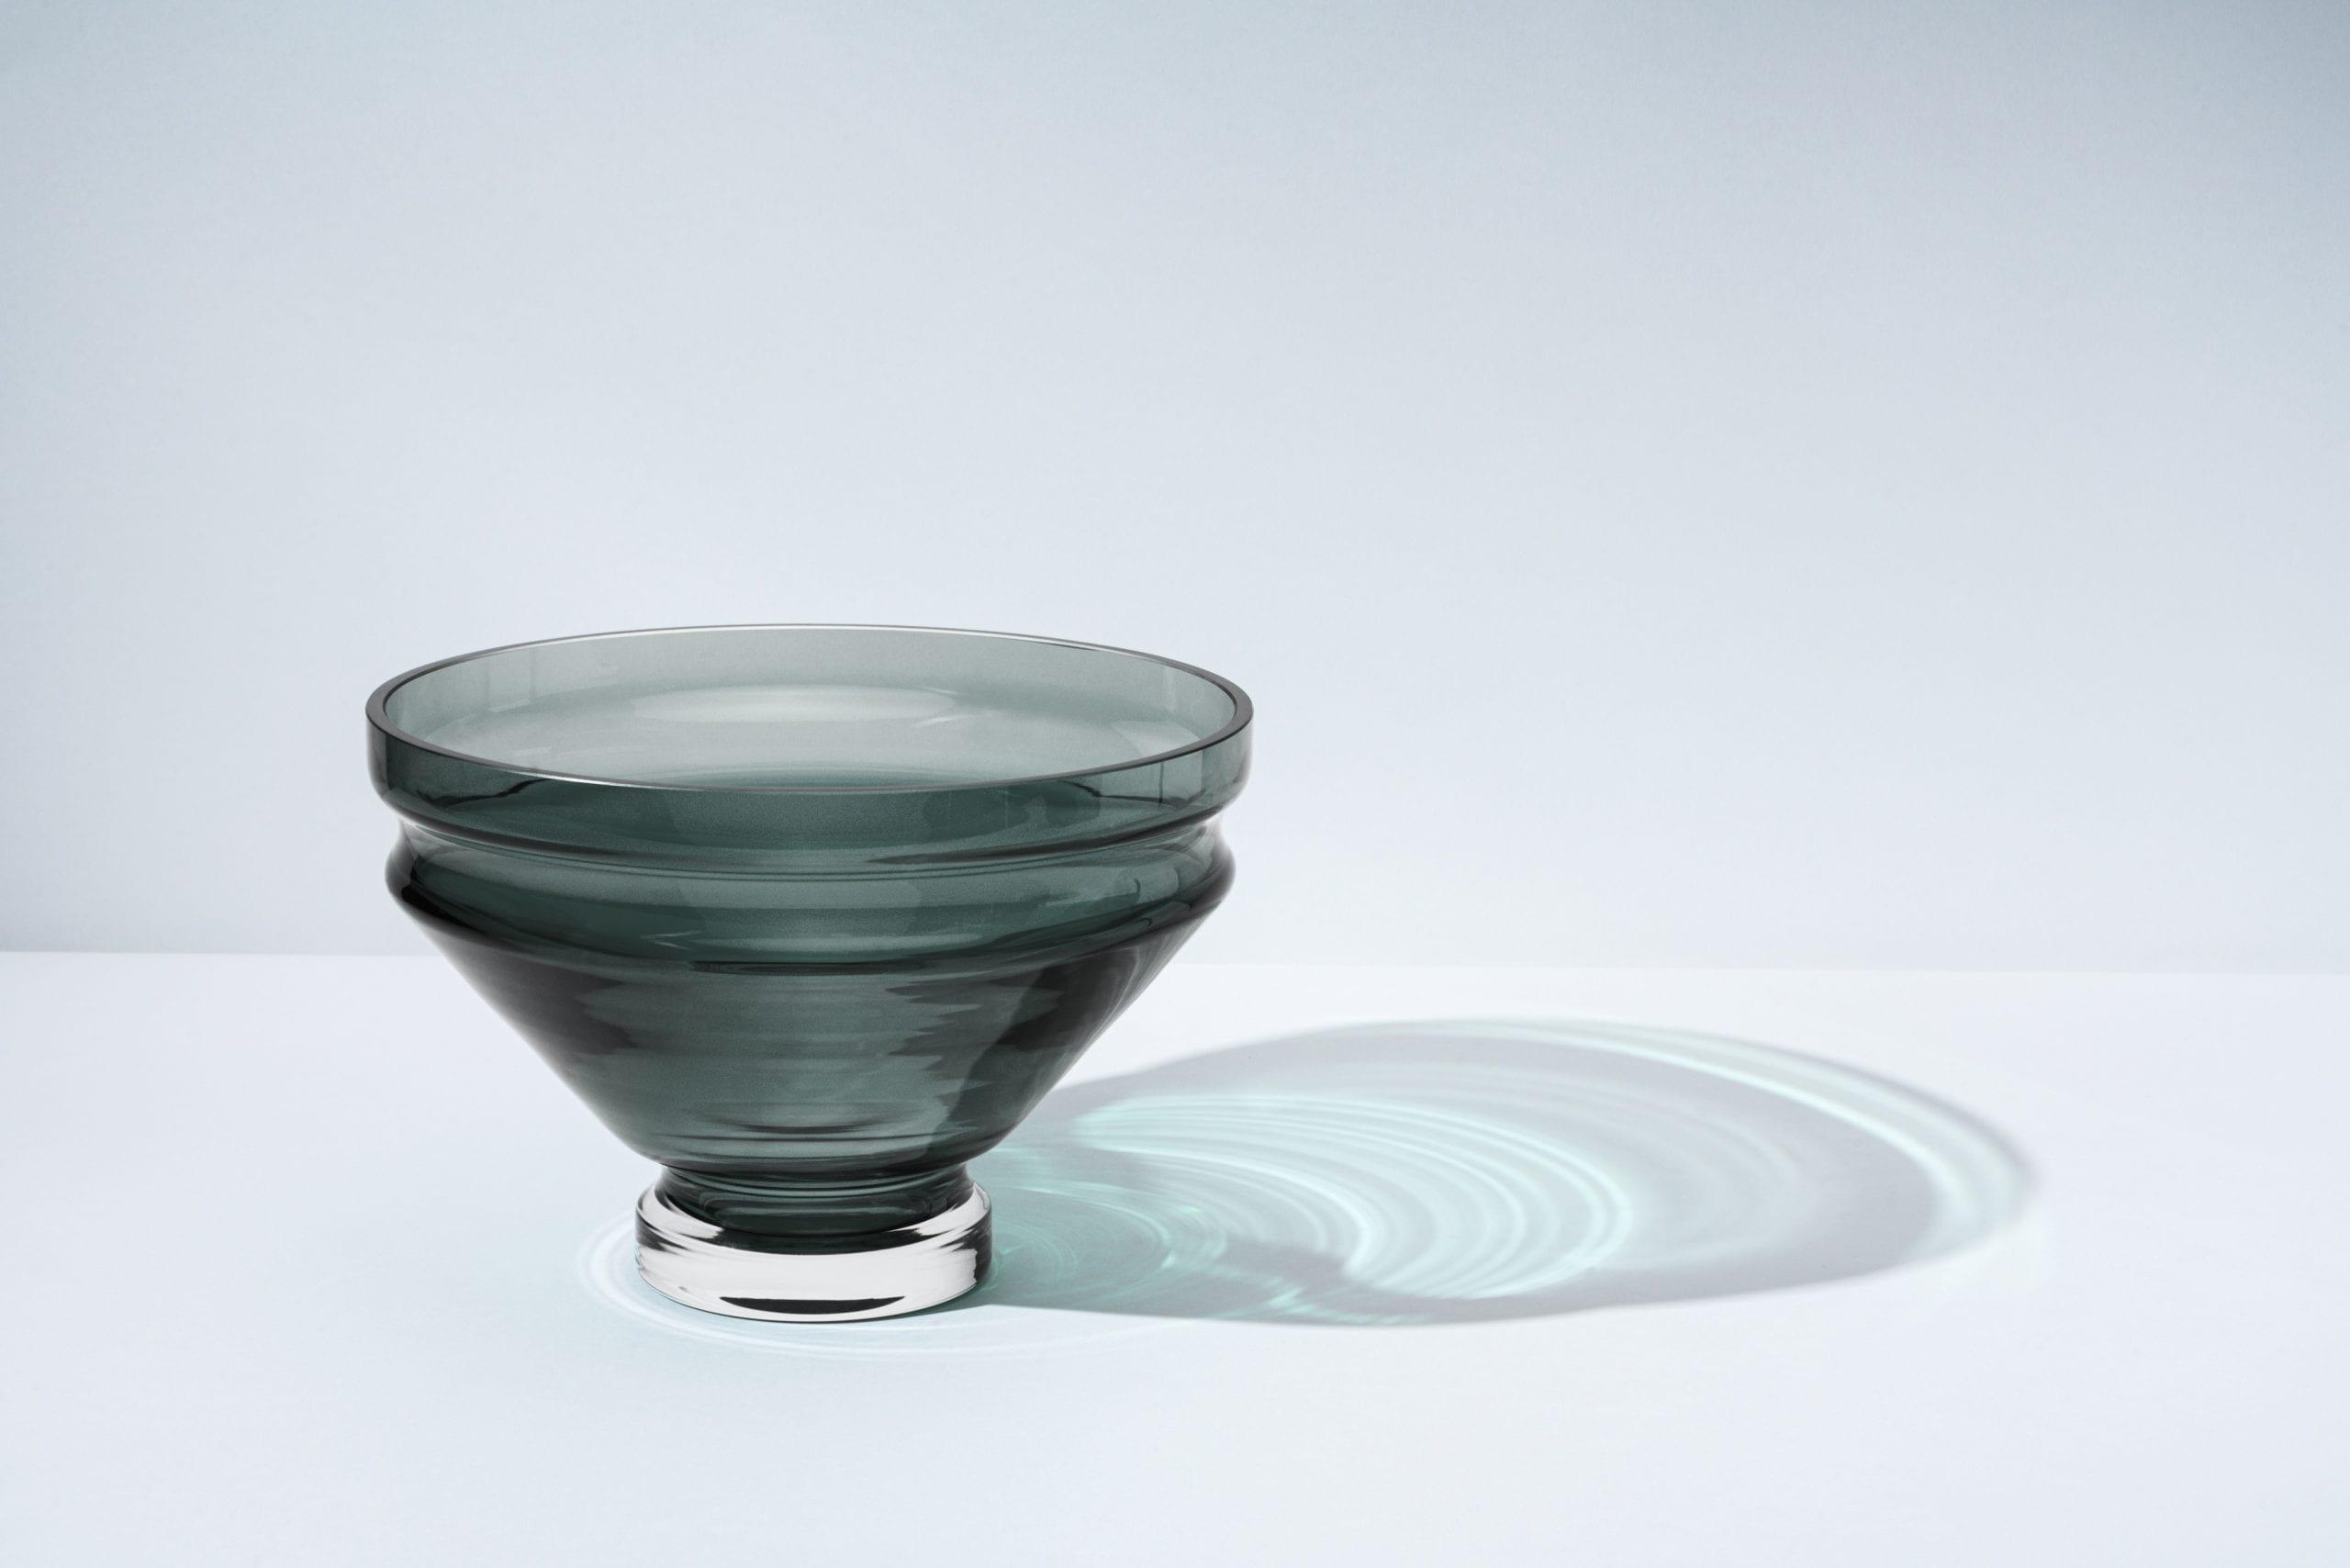 כלי אוכל יוקרתיים - קערת זכוכית בעבודת יד